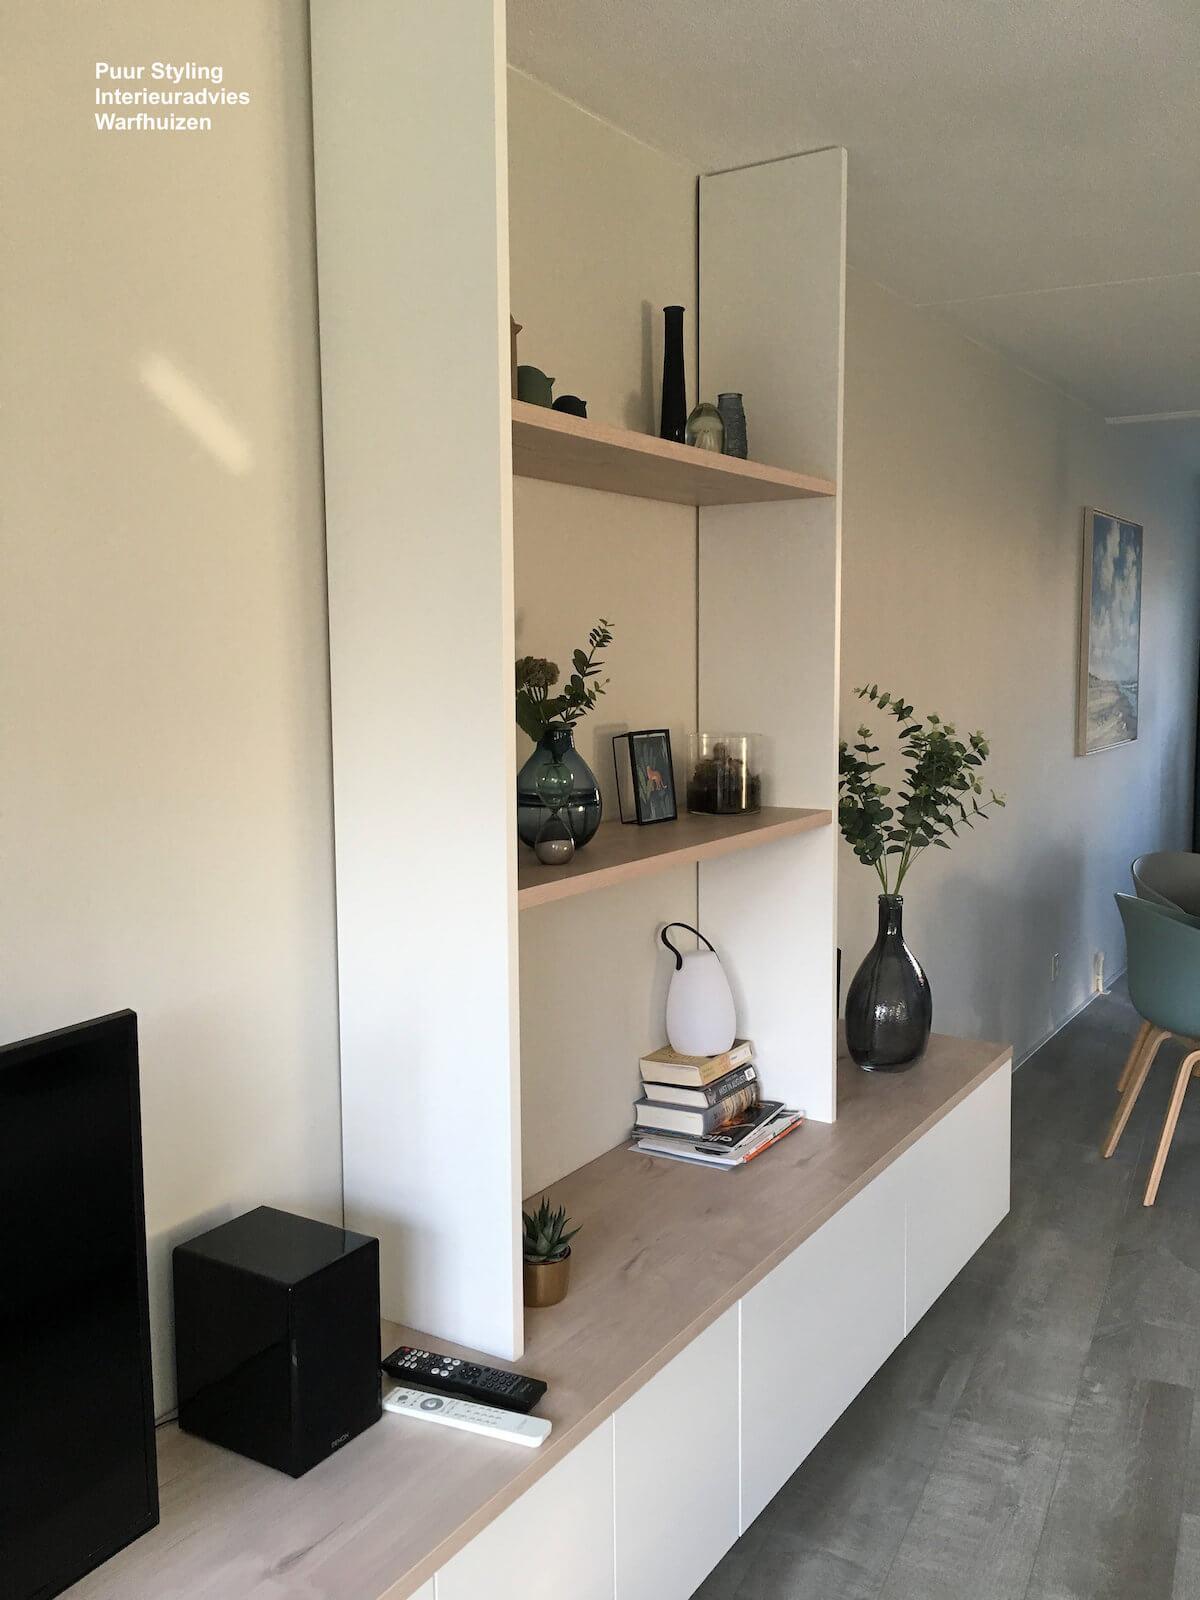 Puur Styling interieuradvies Warfhuizen Groningen17